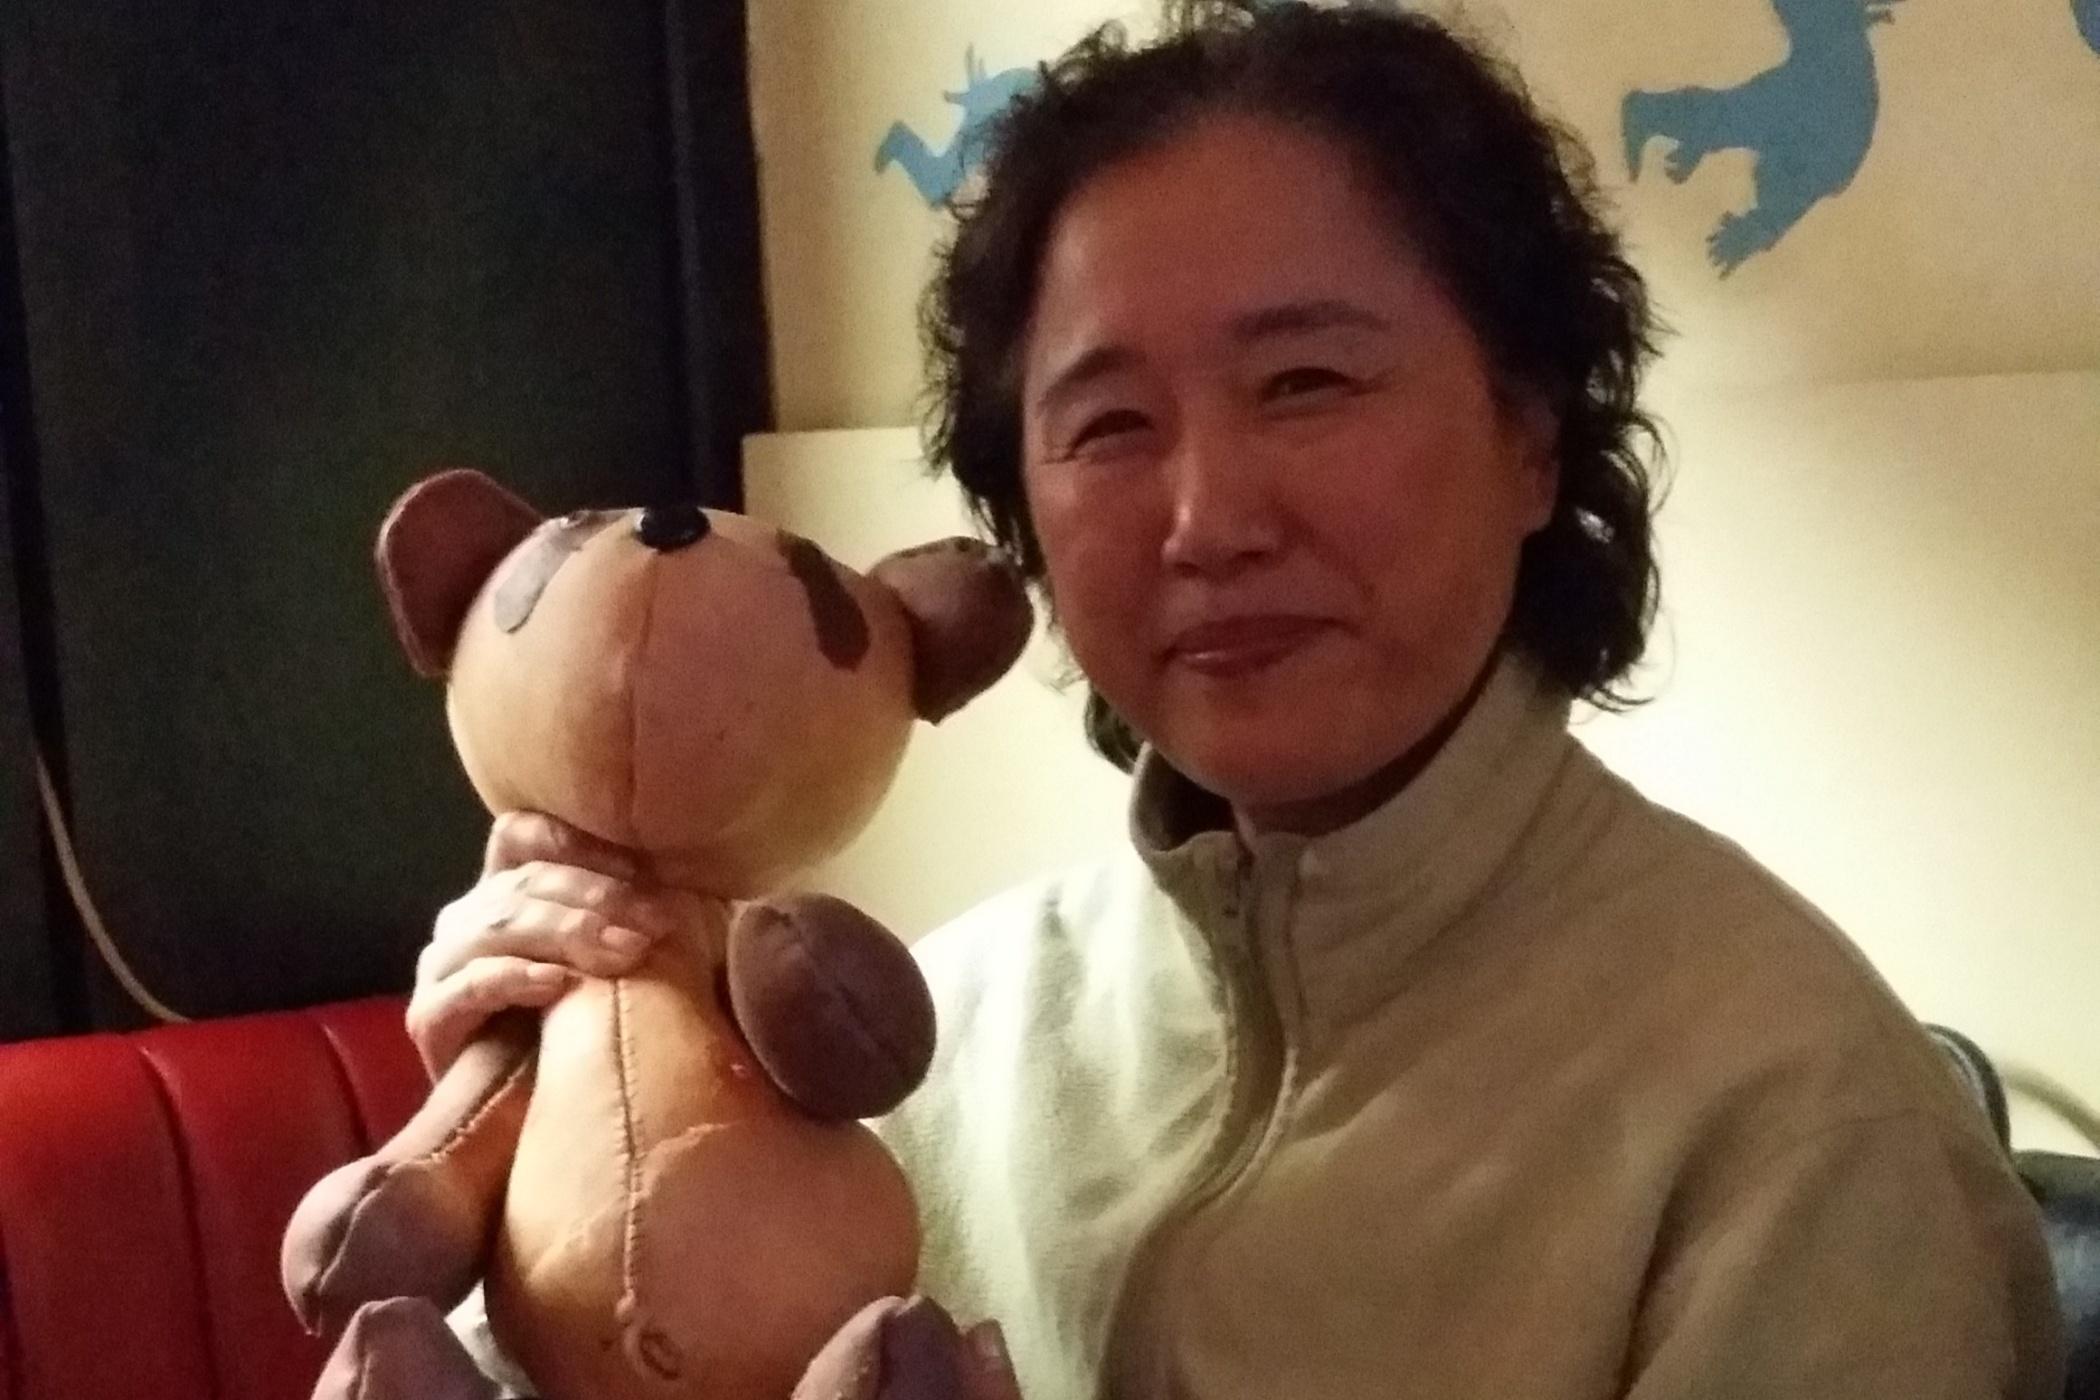 Annie Yang je příslušnicí hnutí Falun Gong. V letech 2005 až 2006 byla vězněna a mučena